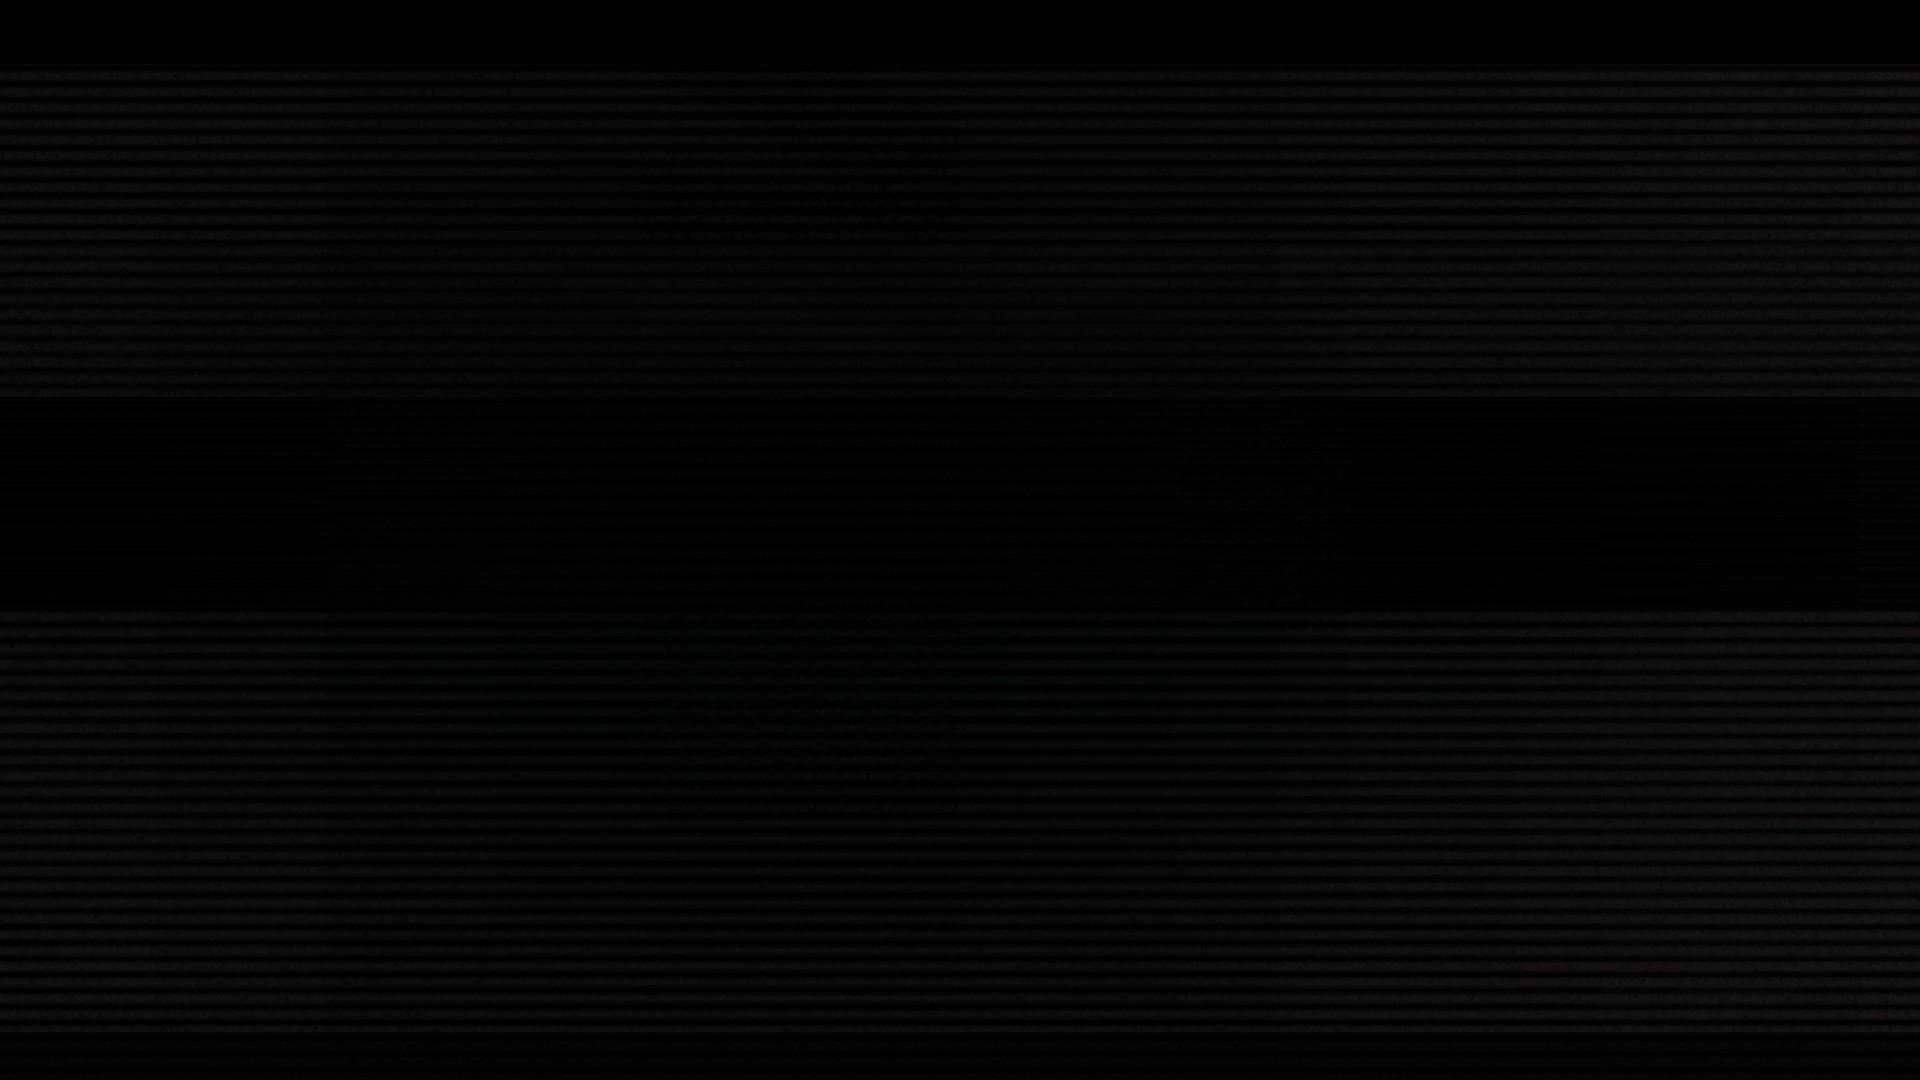 картинка черный экран на рабочий стол быстро нагревается